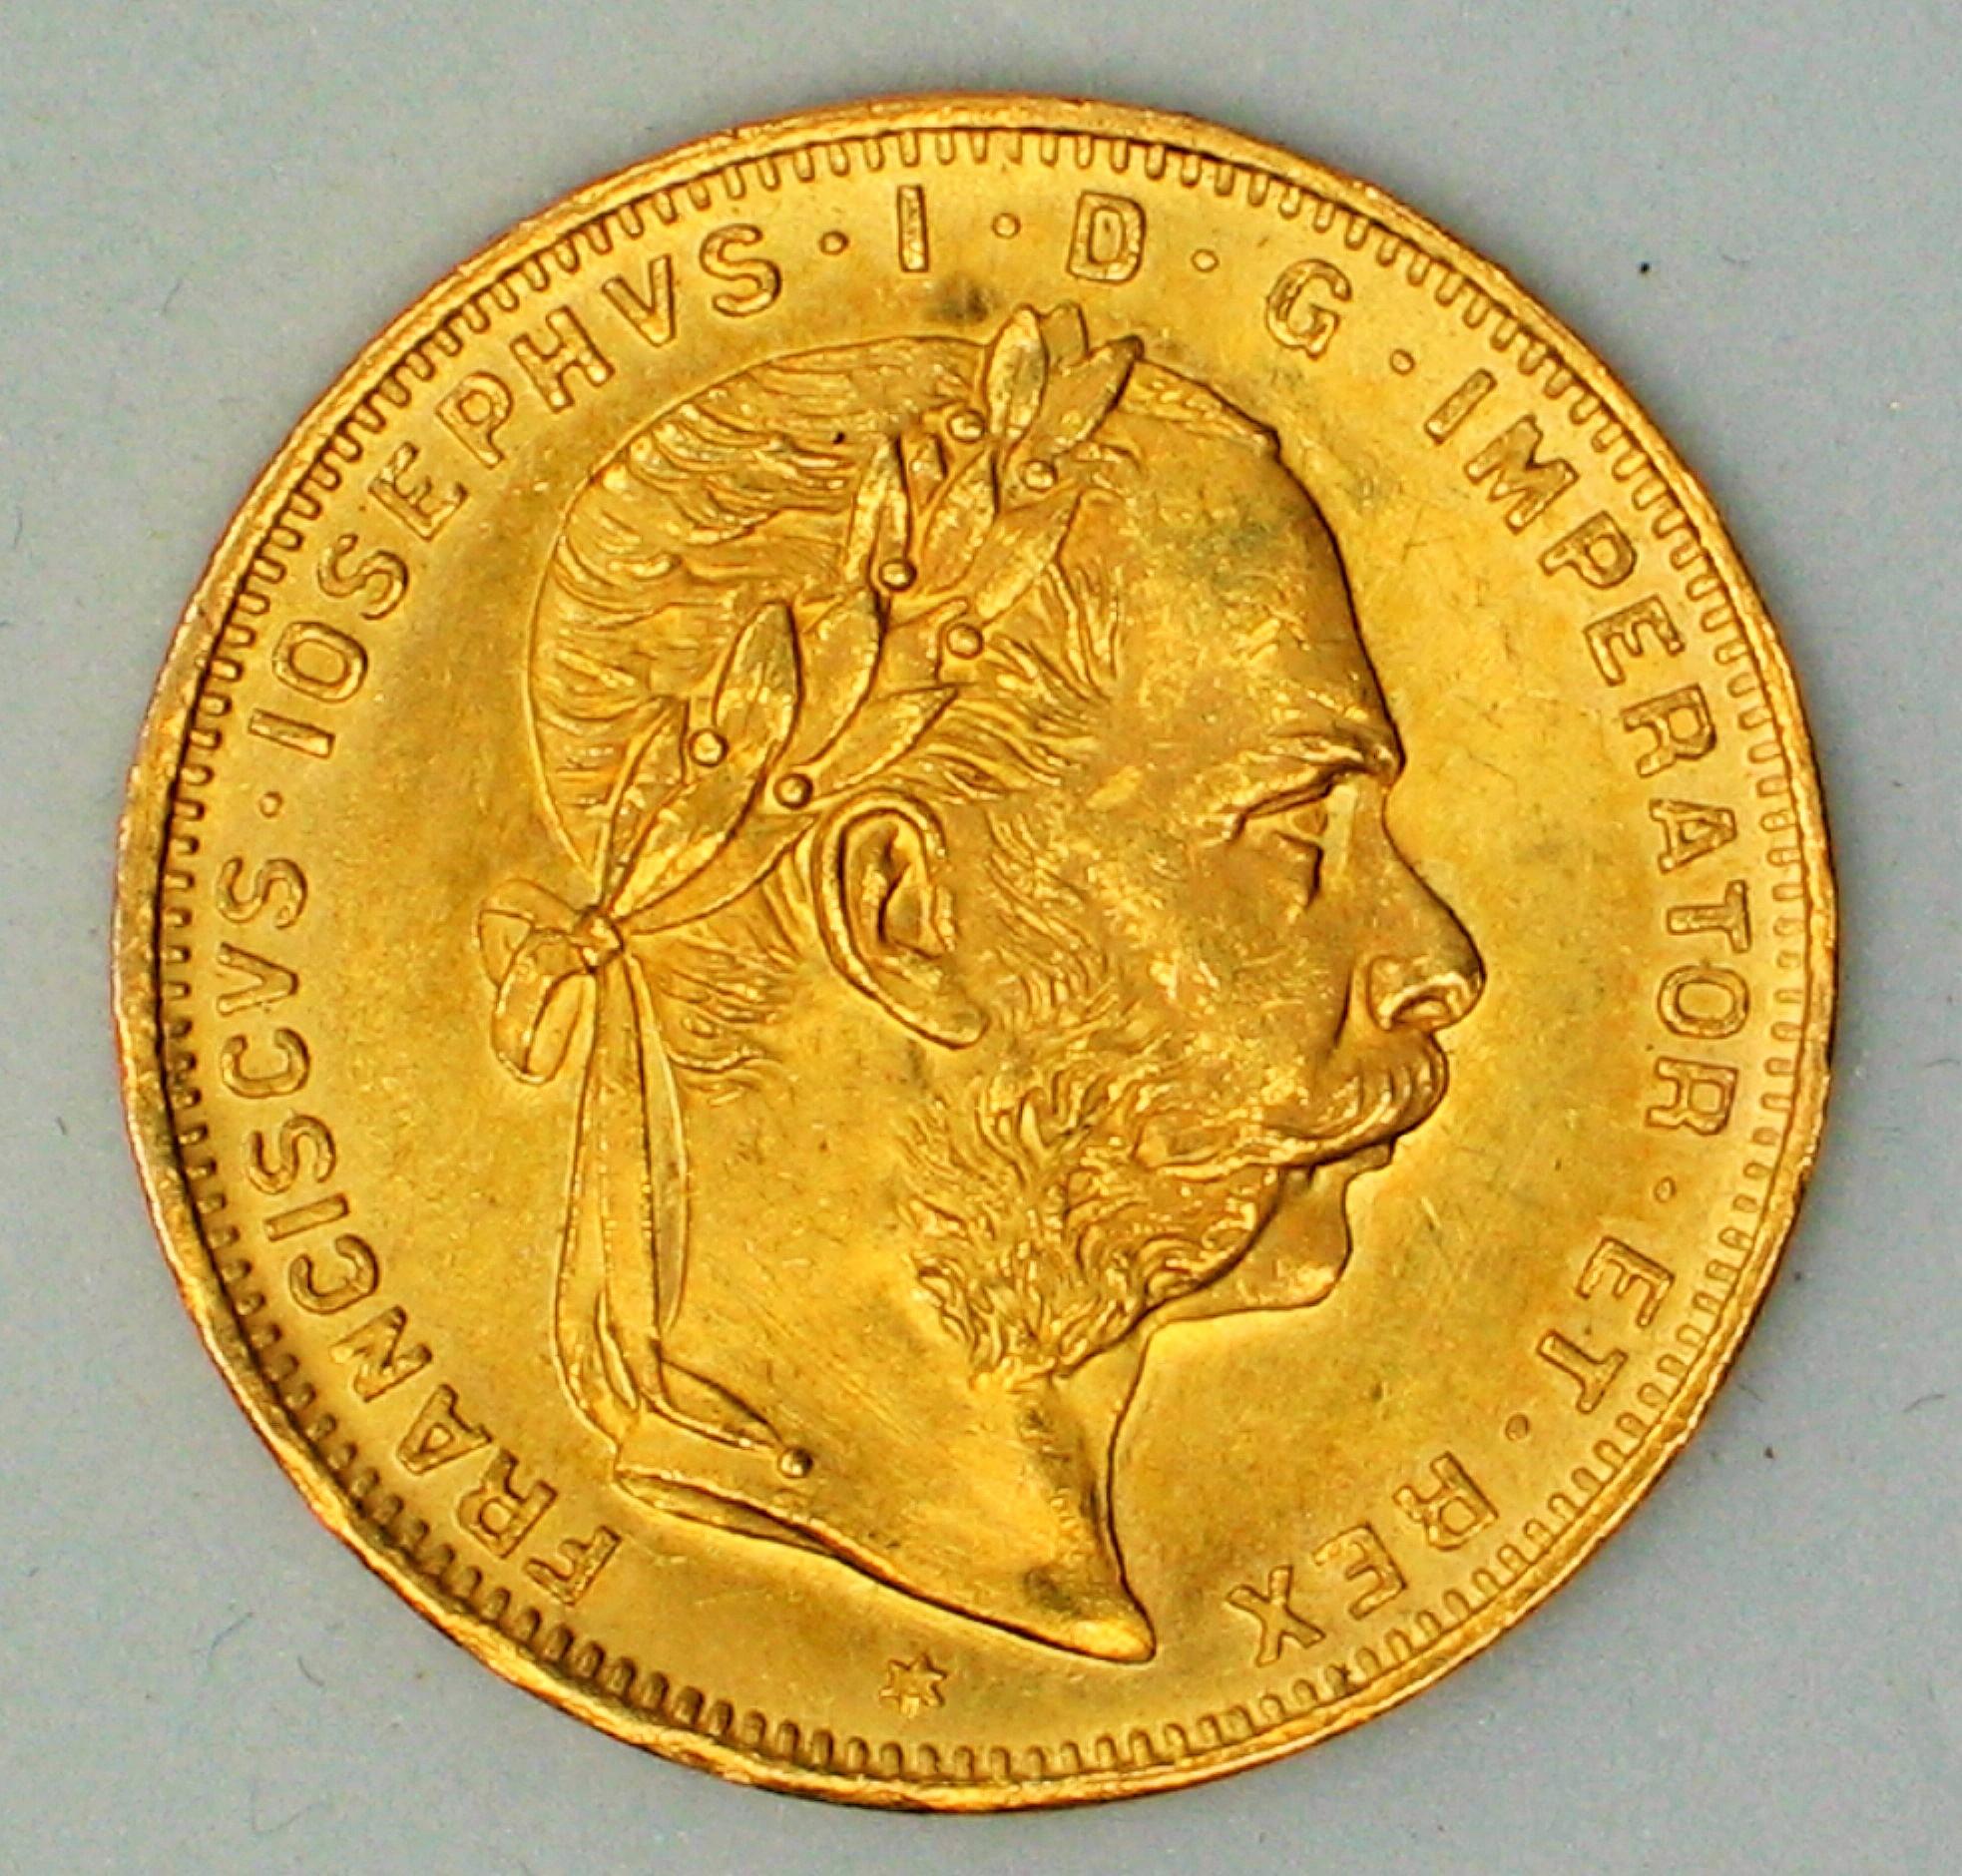 Delgrey Edle Metalle Münzen 4 Fl 10 Frösterreich1892kaiser